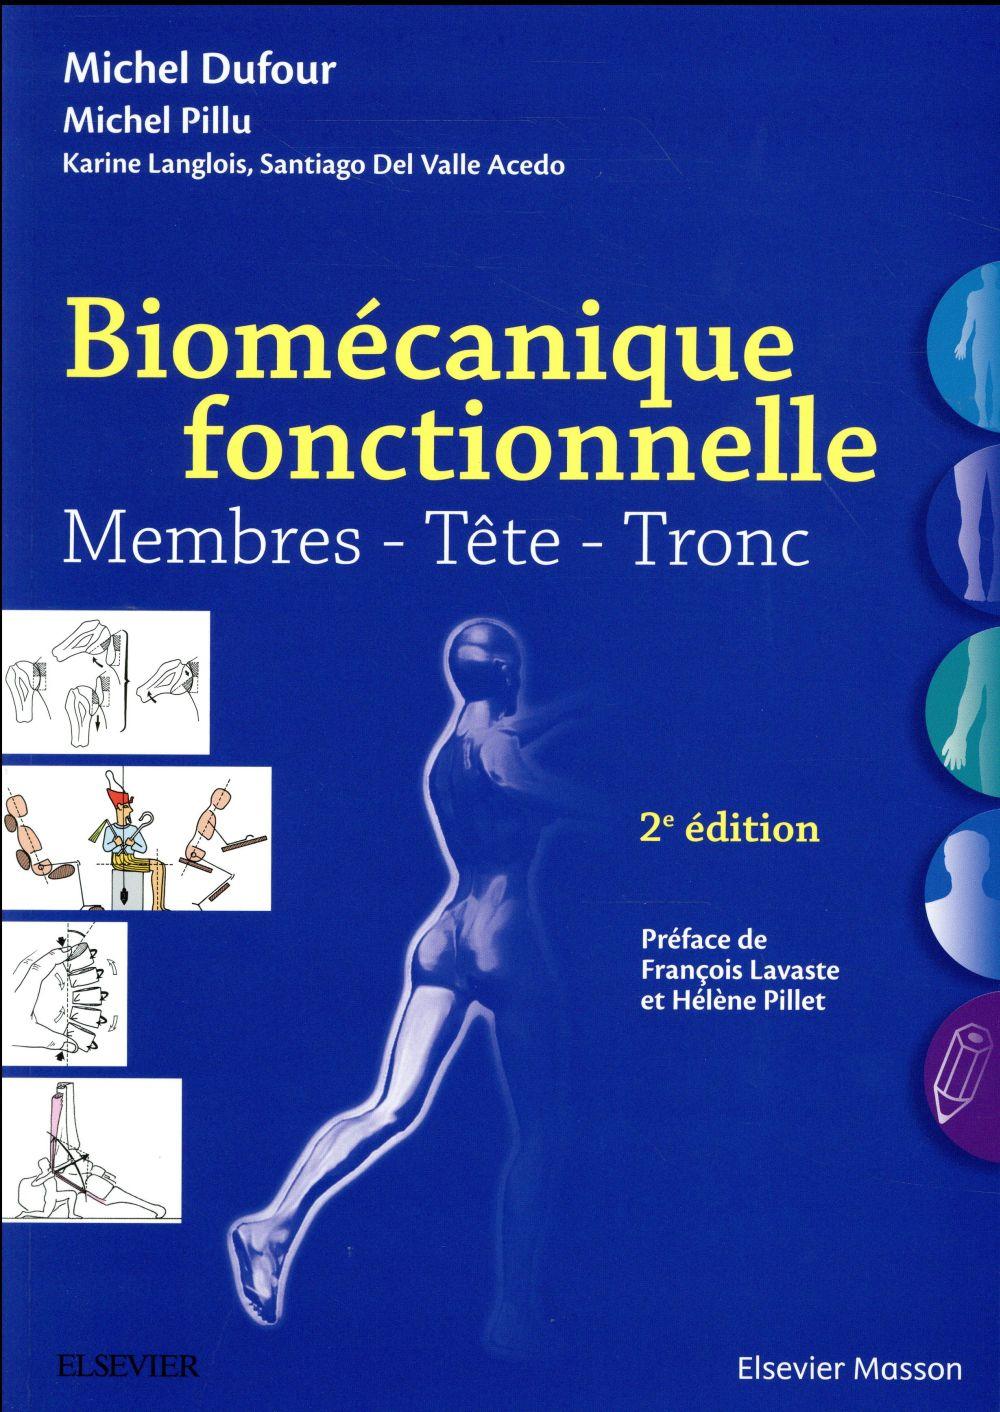 Biomécanique fonctionnelle ; membres, tête, tronc (2e édition)